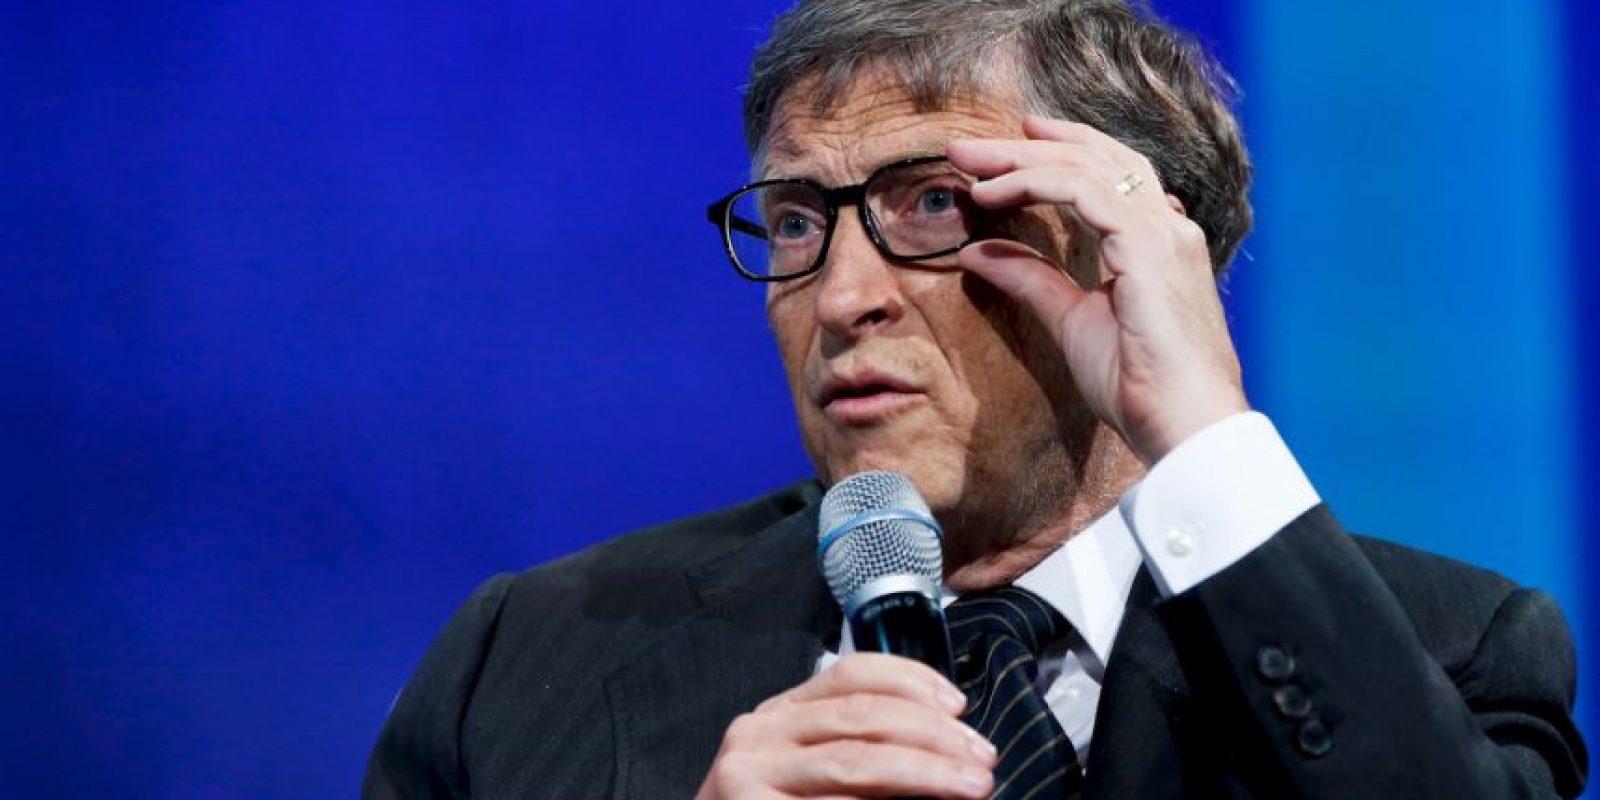 El origen de su fortuna es su empresa Microsoft. Foto:Getty Images